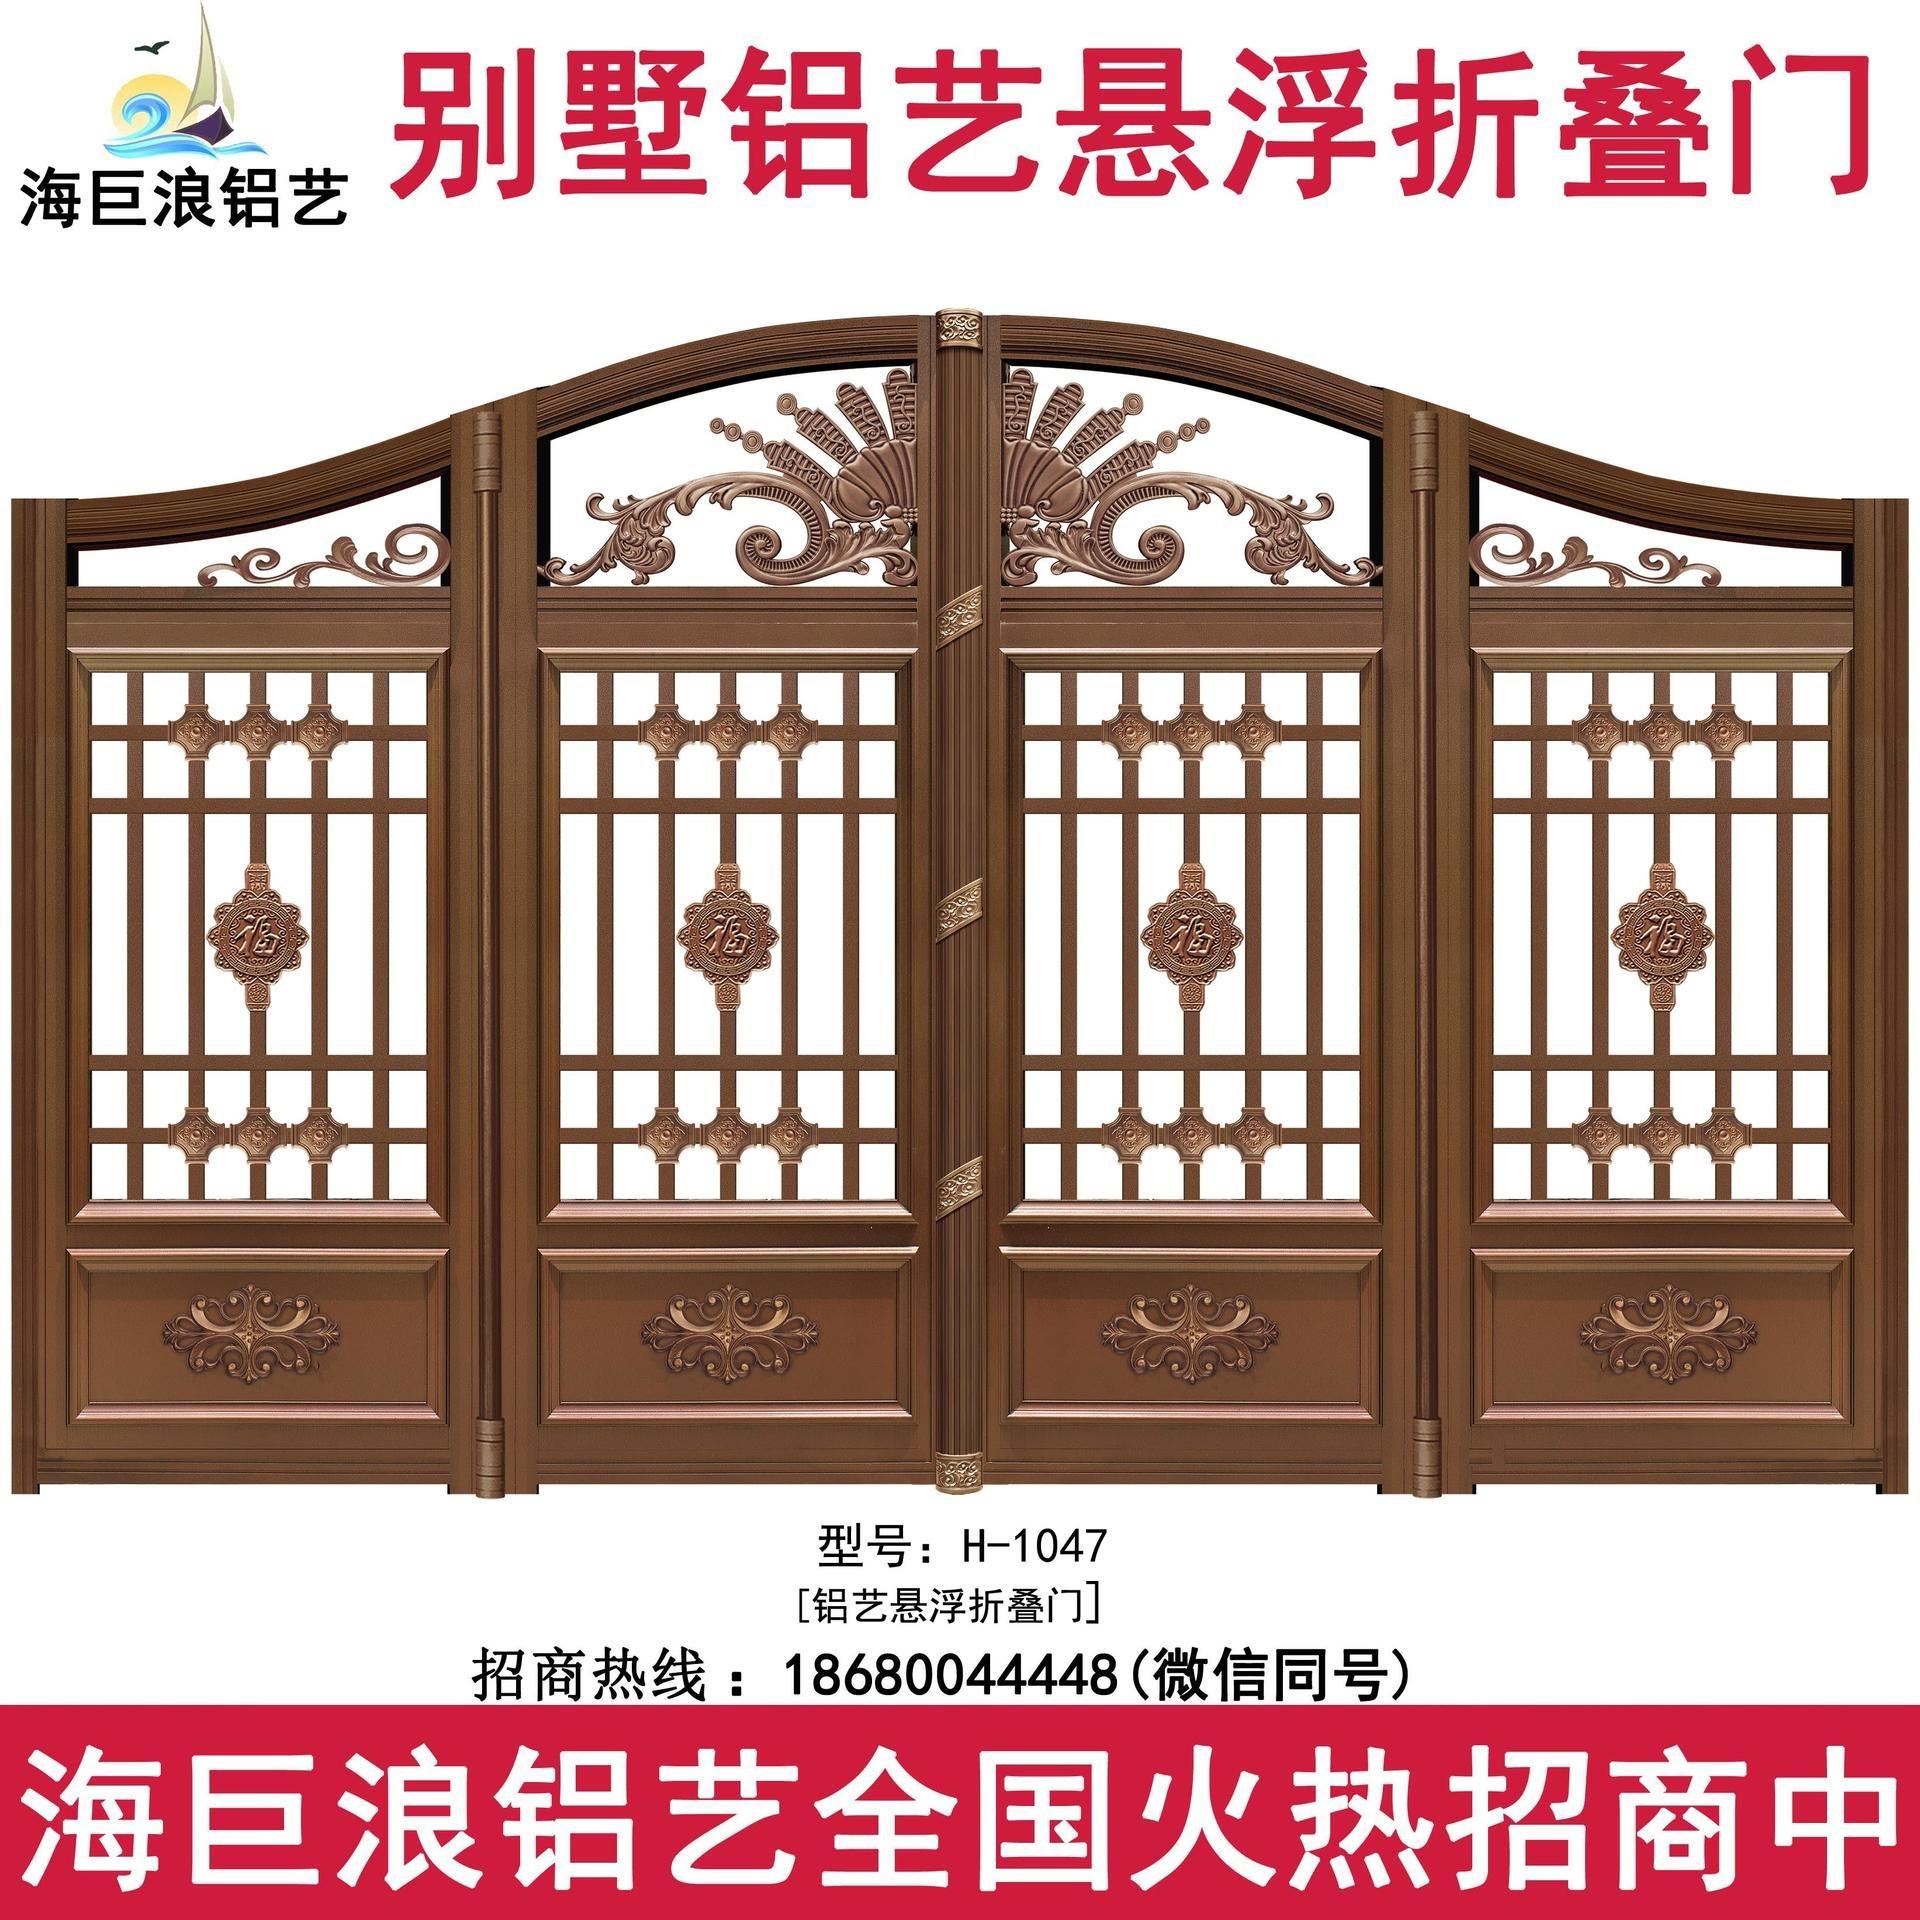 洪江市懸浮折疊門代理加盟 封板懸航折疊門 折疊懸浮門生產廠家